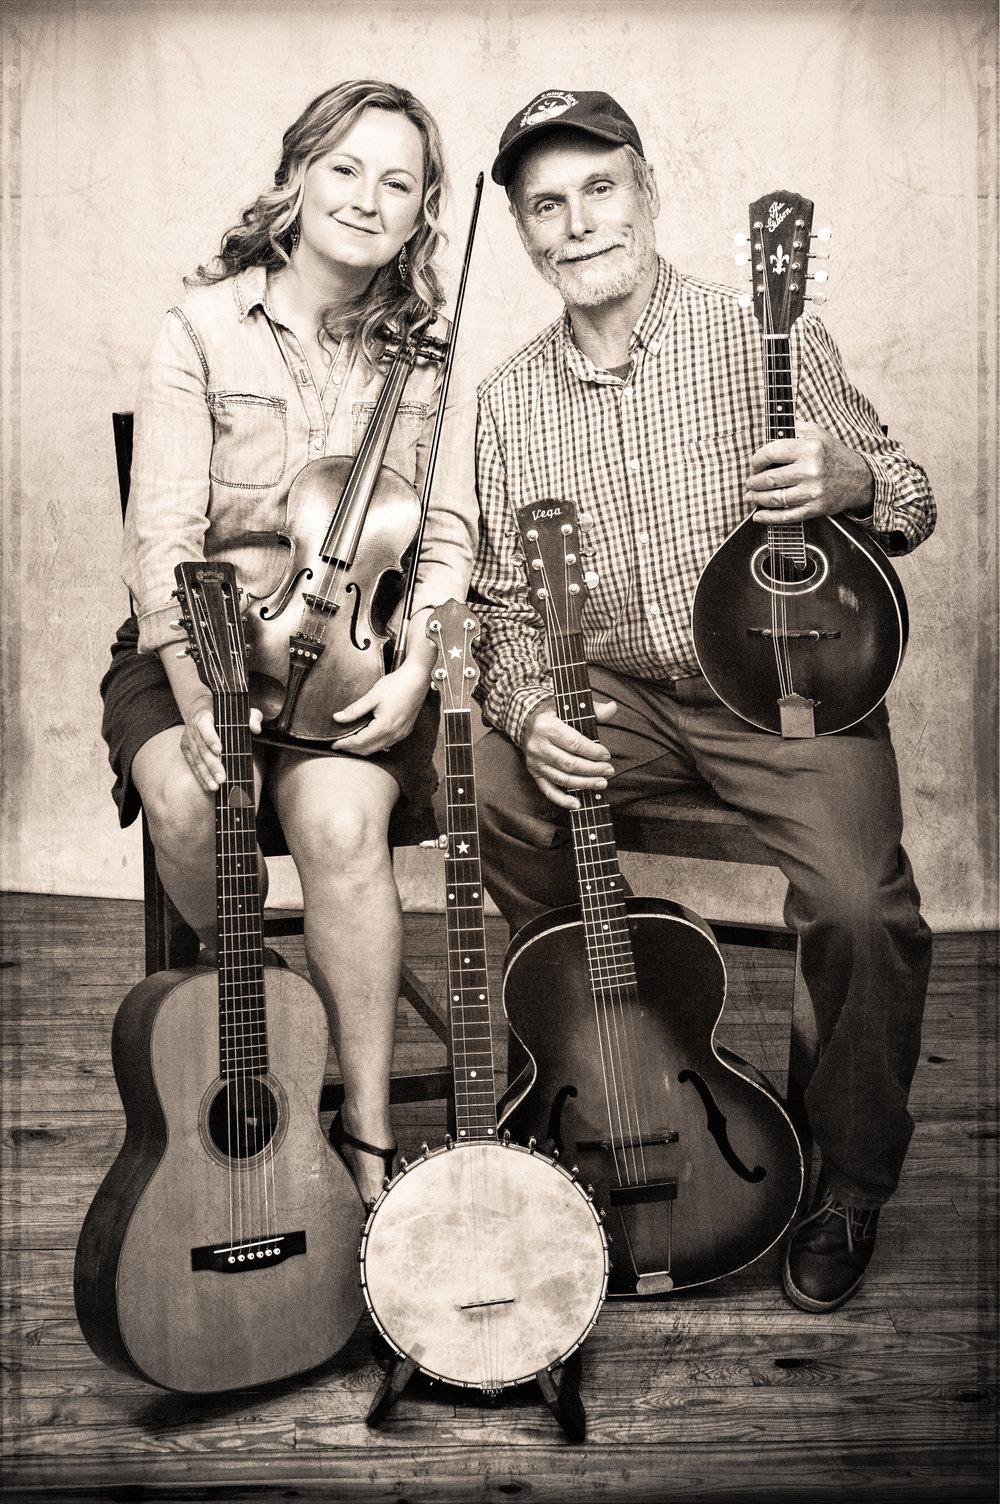 Erynn & Carl 2015 w 5 instruments bw hr_Moser & Jackson Photography copy[28185].jpg